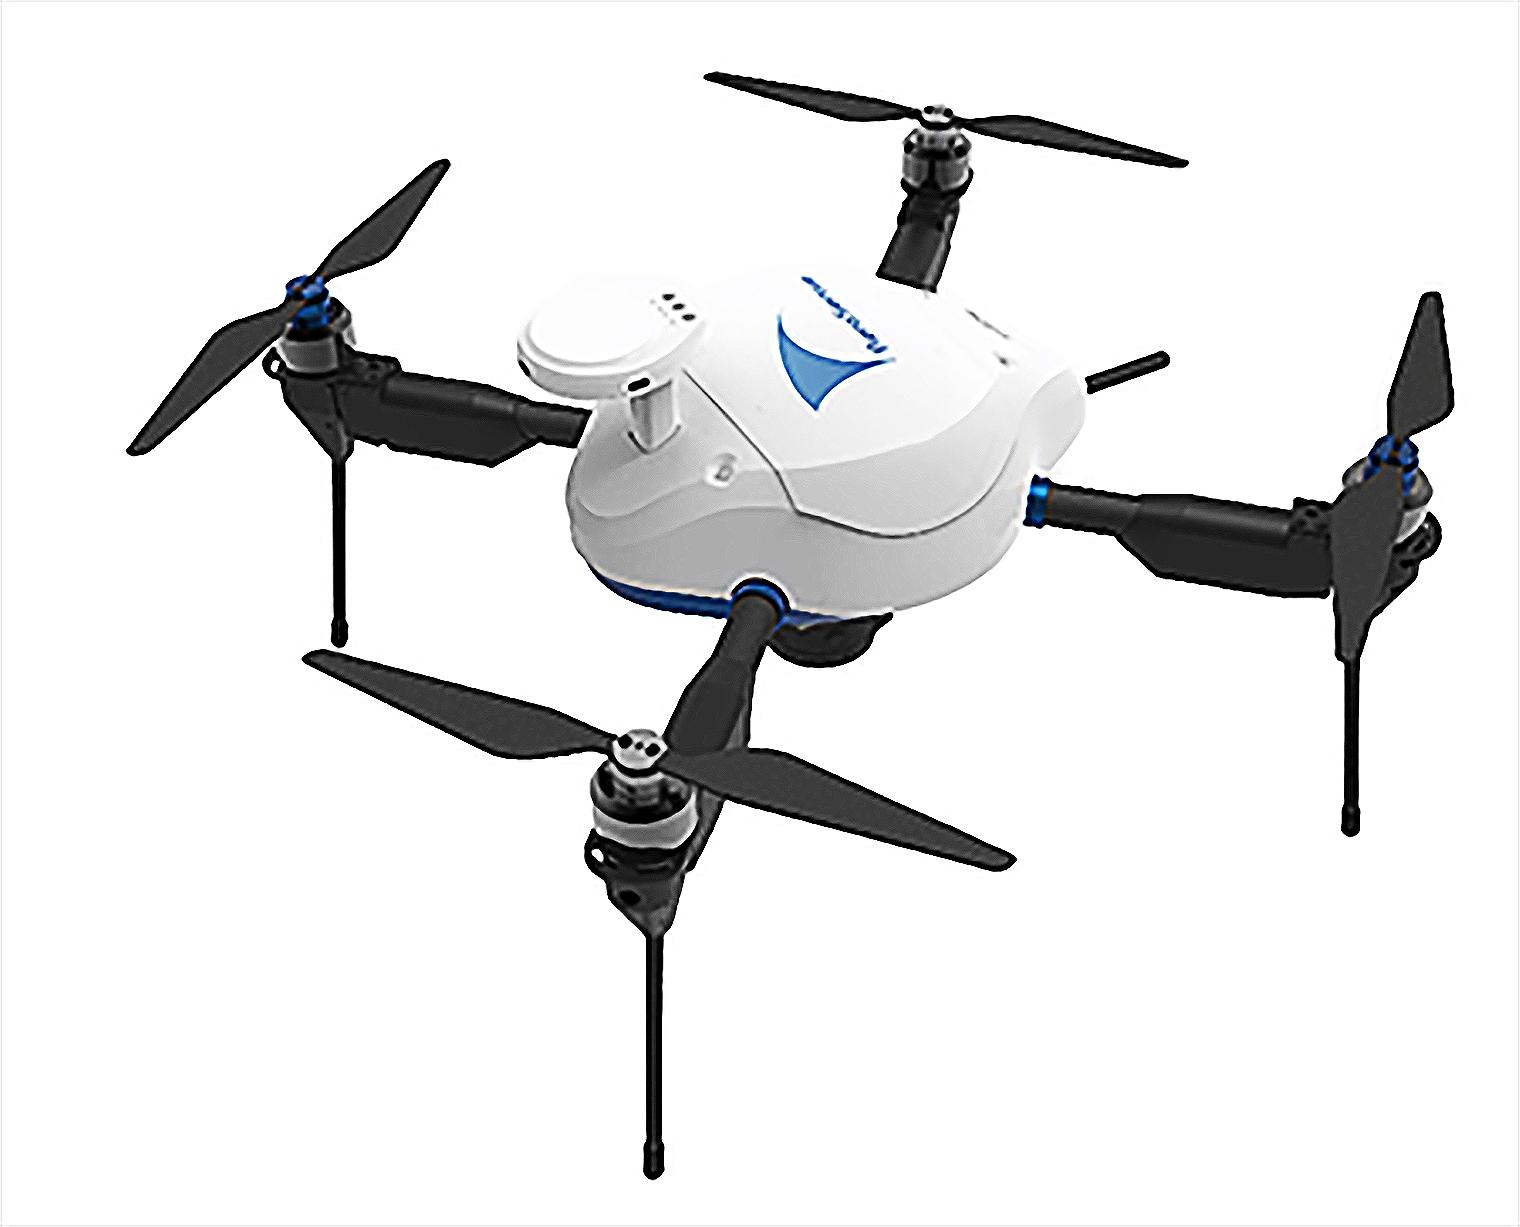 測量分野や点検分野での作業の軽減、業務効率化に貢献してきたエアロボ(Aerobo)の写真